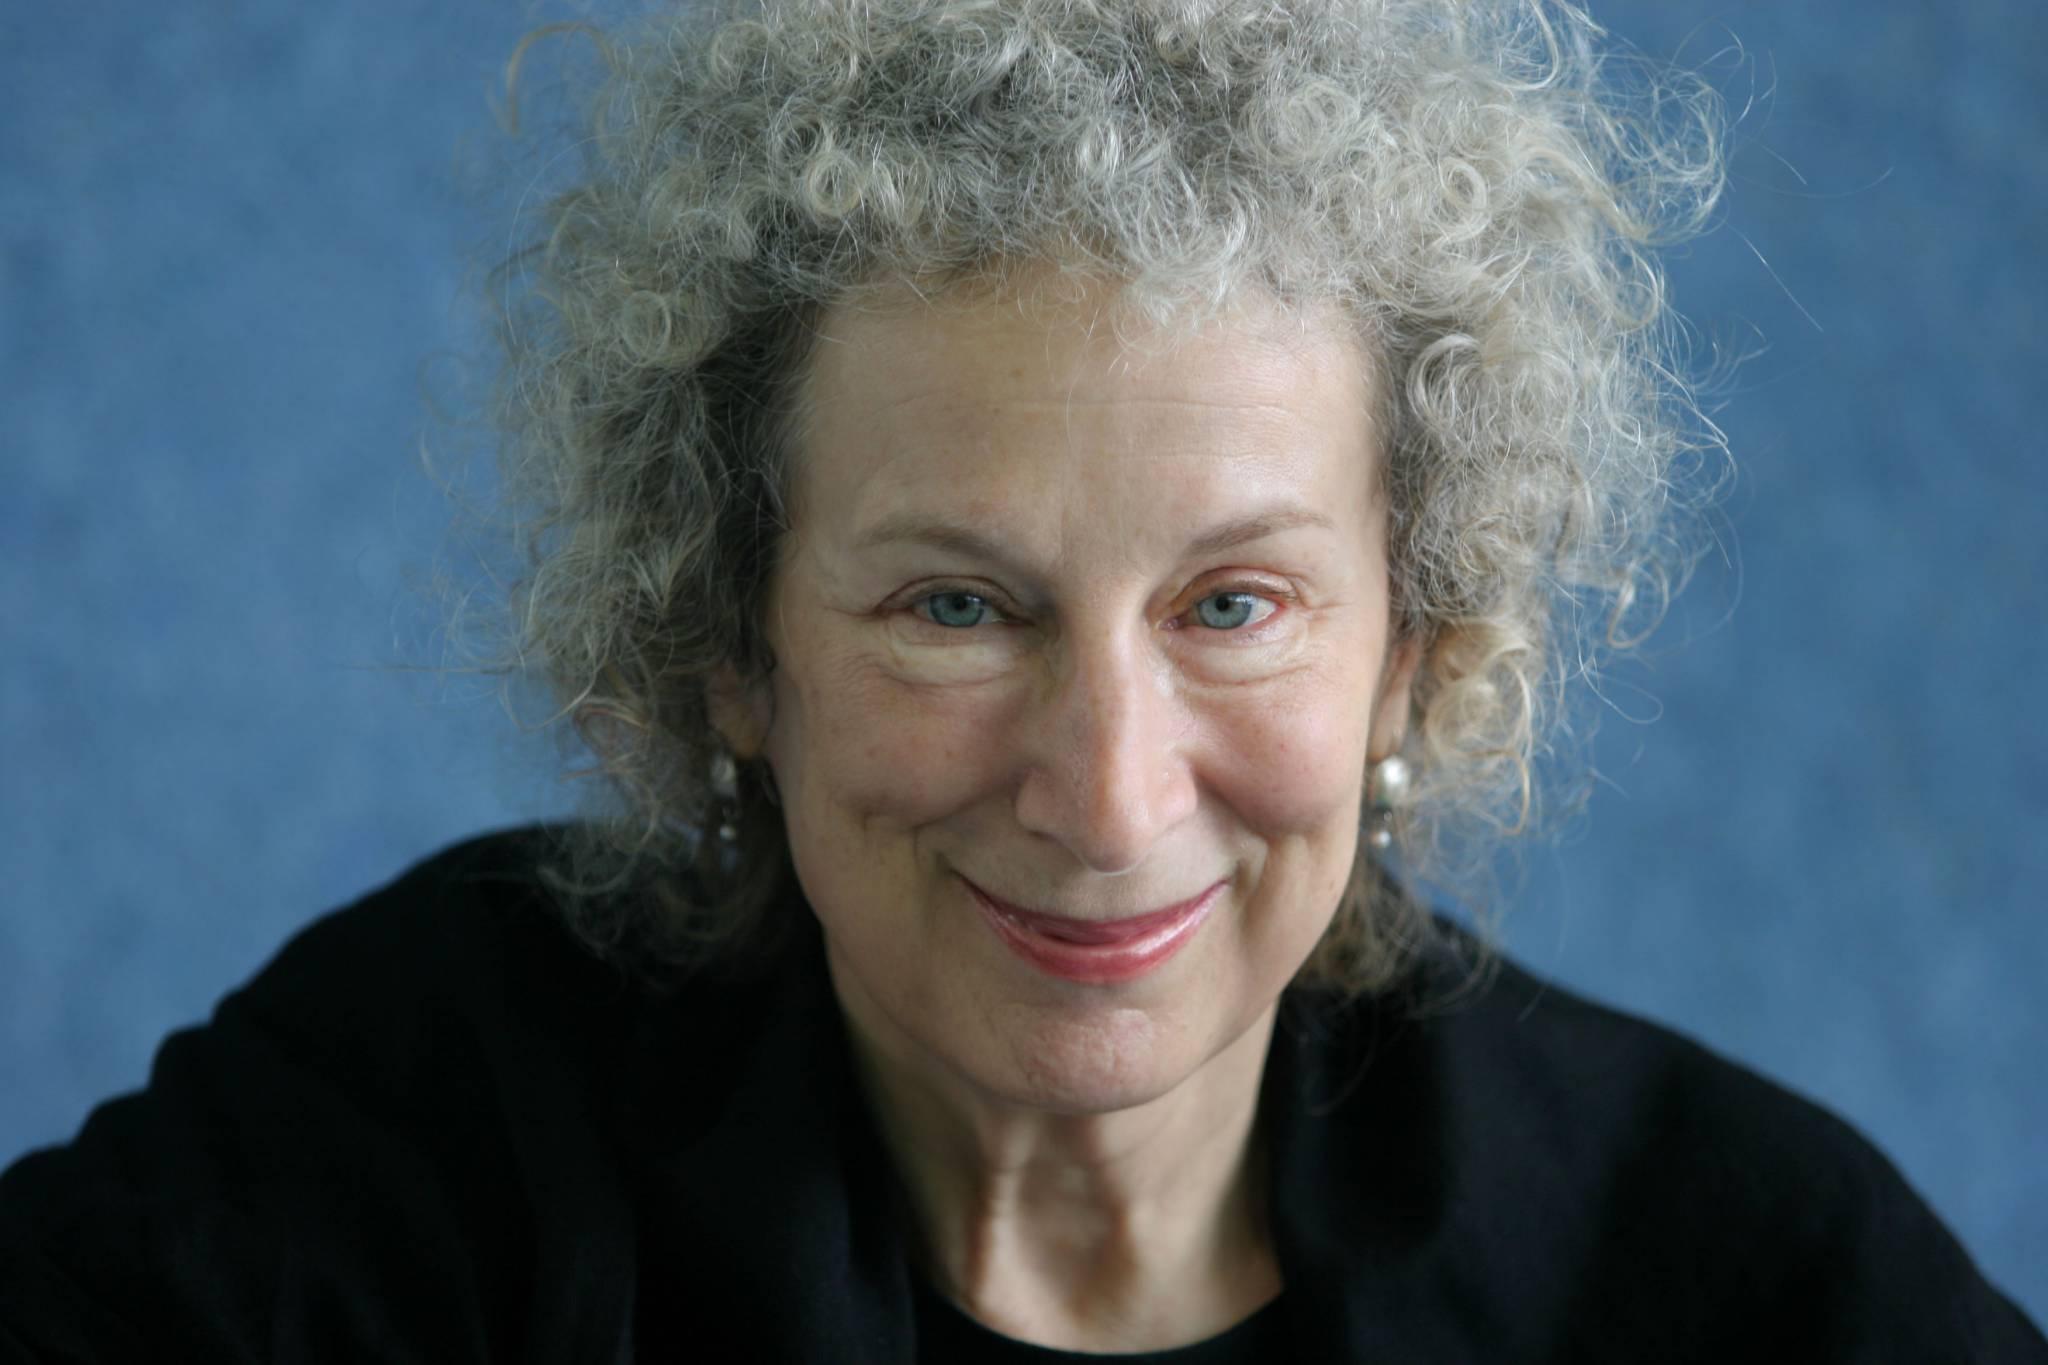 Margaret Atwood - Jestem za stara, żeby bać się wielu rzeczy